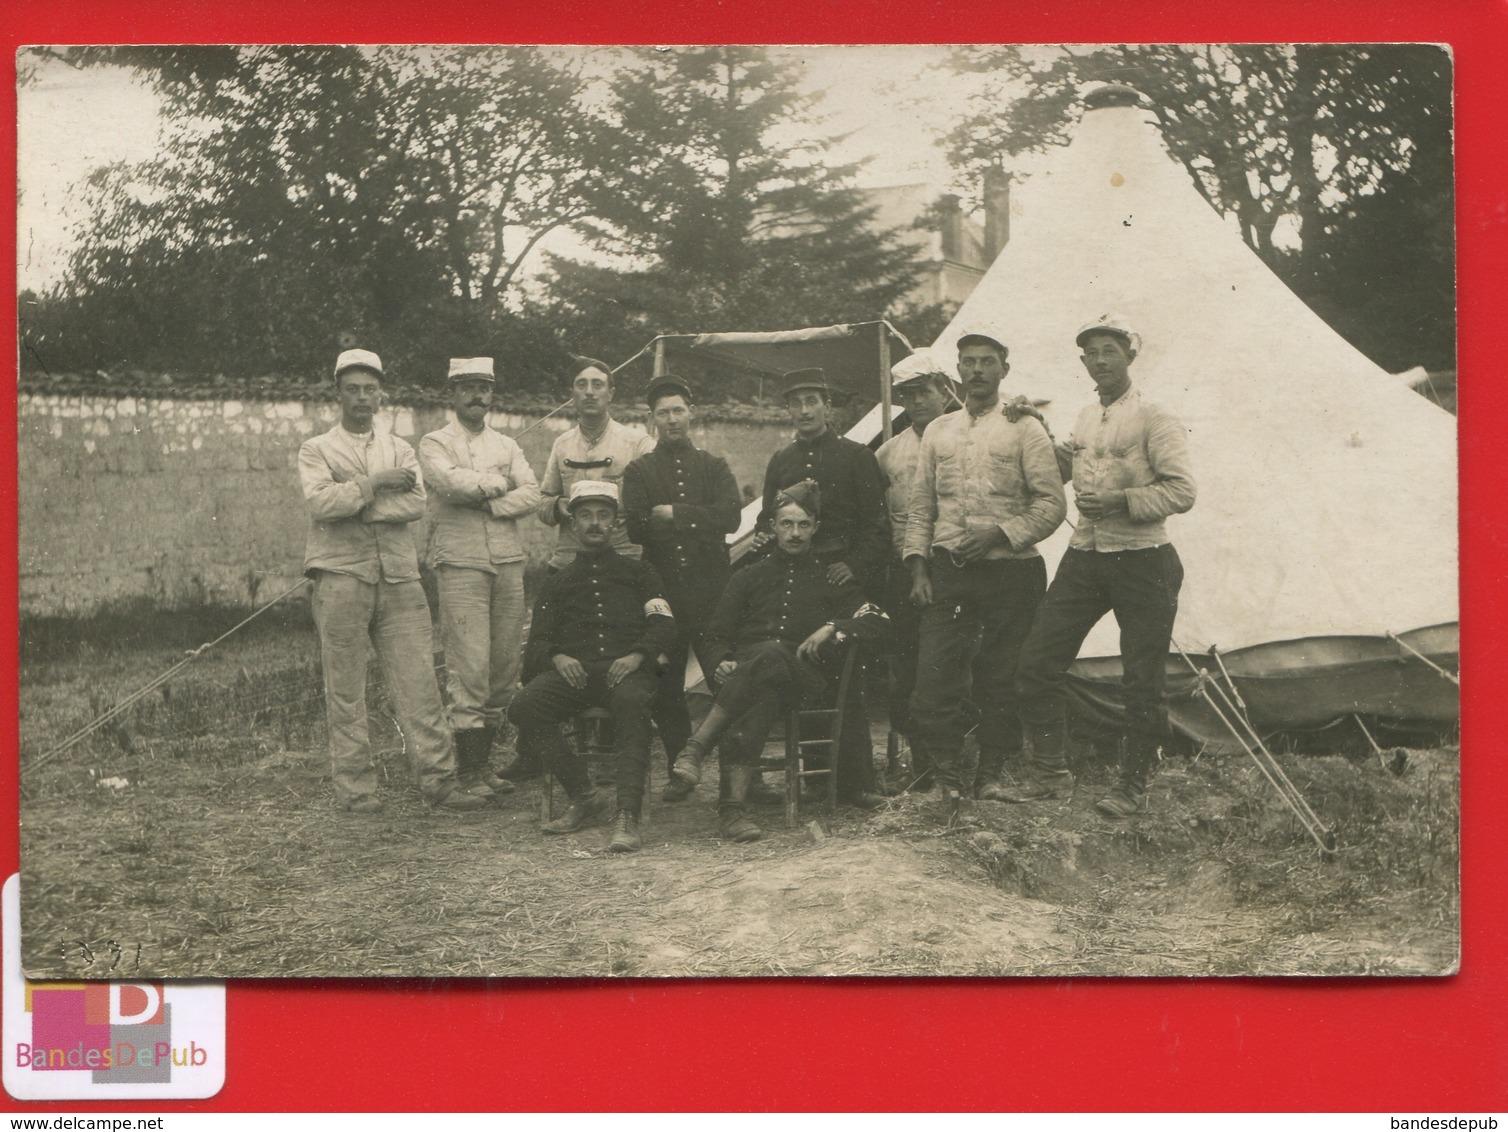 CARTE PHOTO Camp WITRY LES REIMS Aout 1912 Militaria Militaire Dont Gradés Caporal 3 ème Génie - France